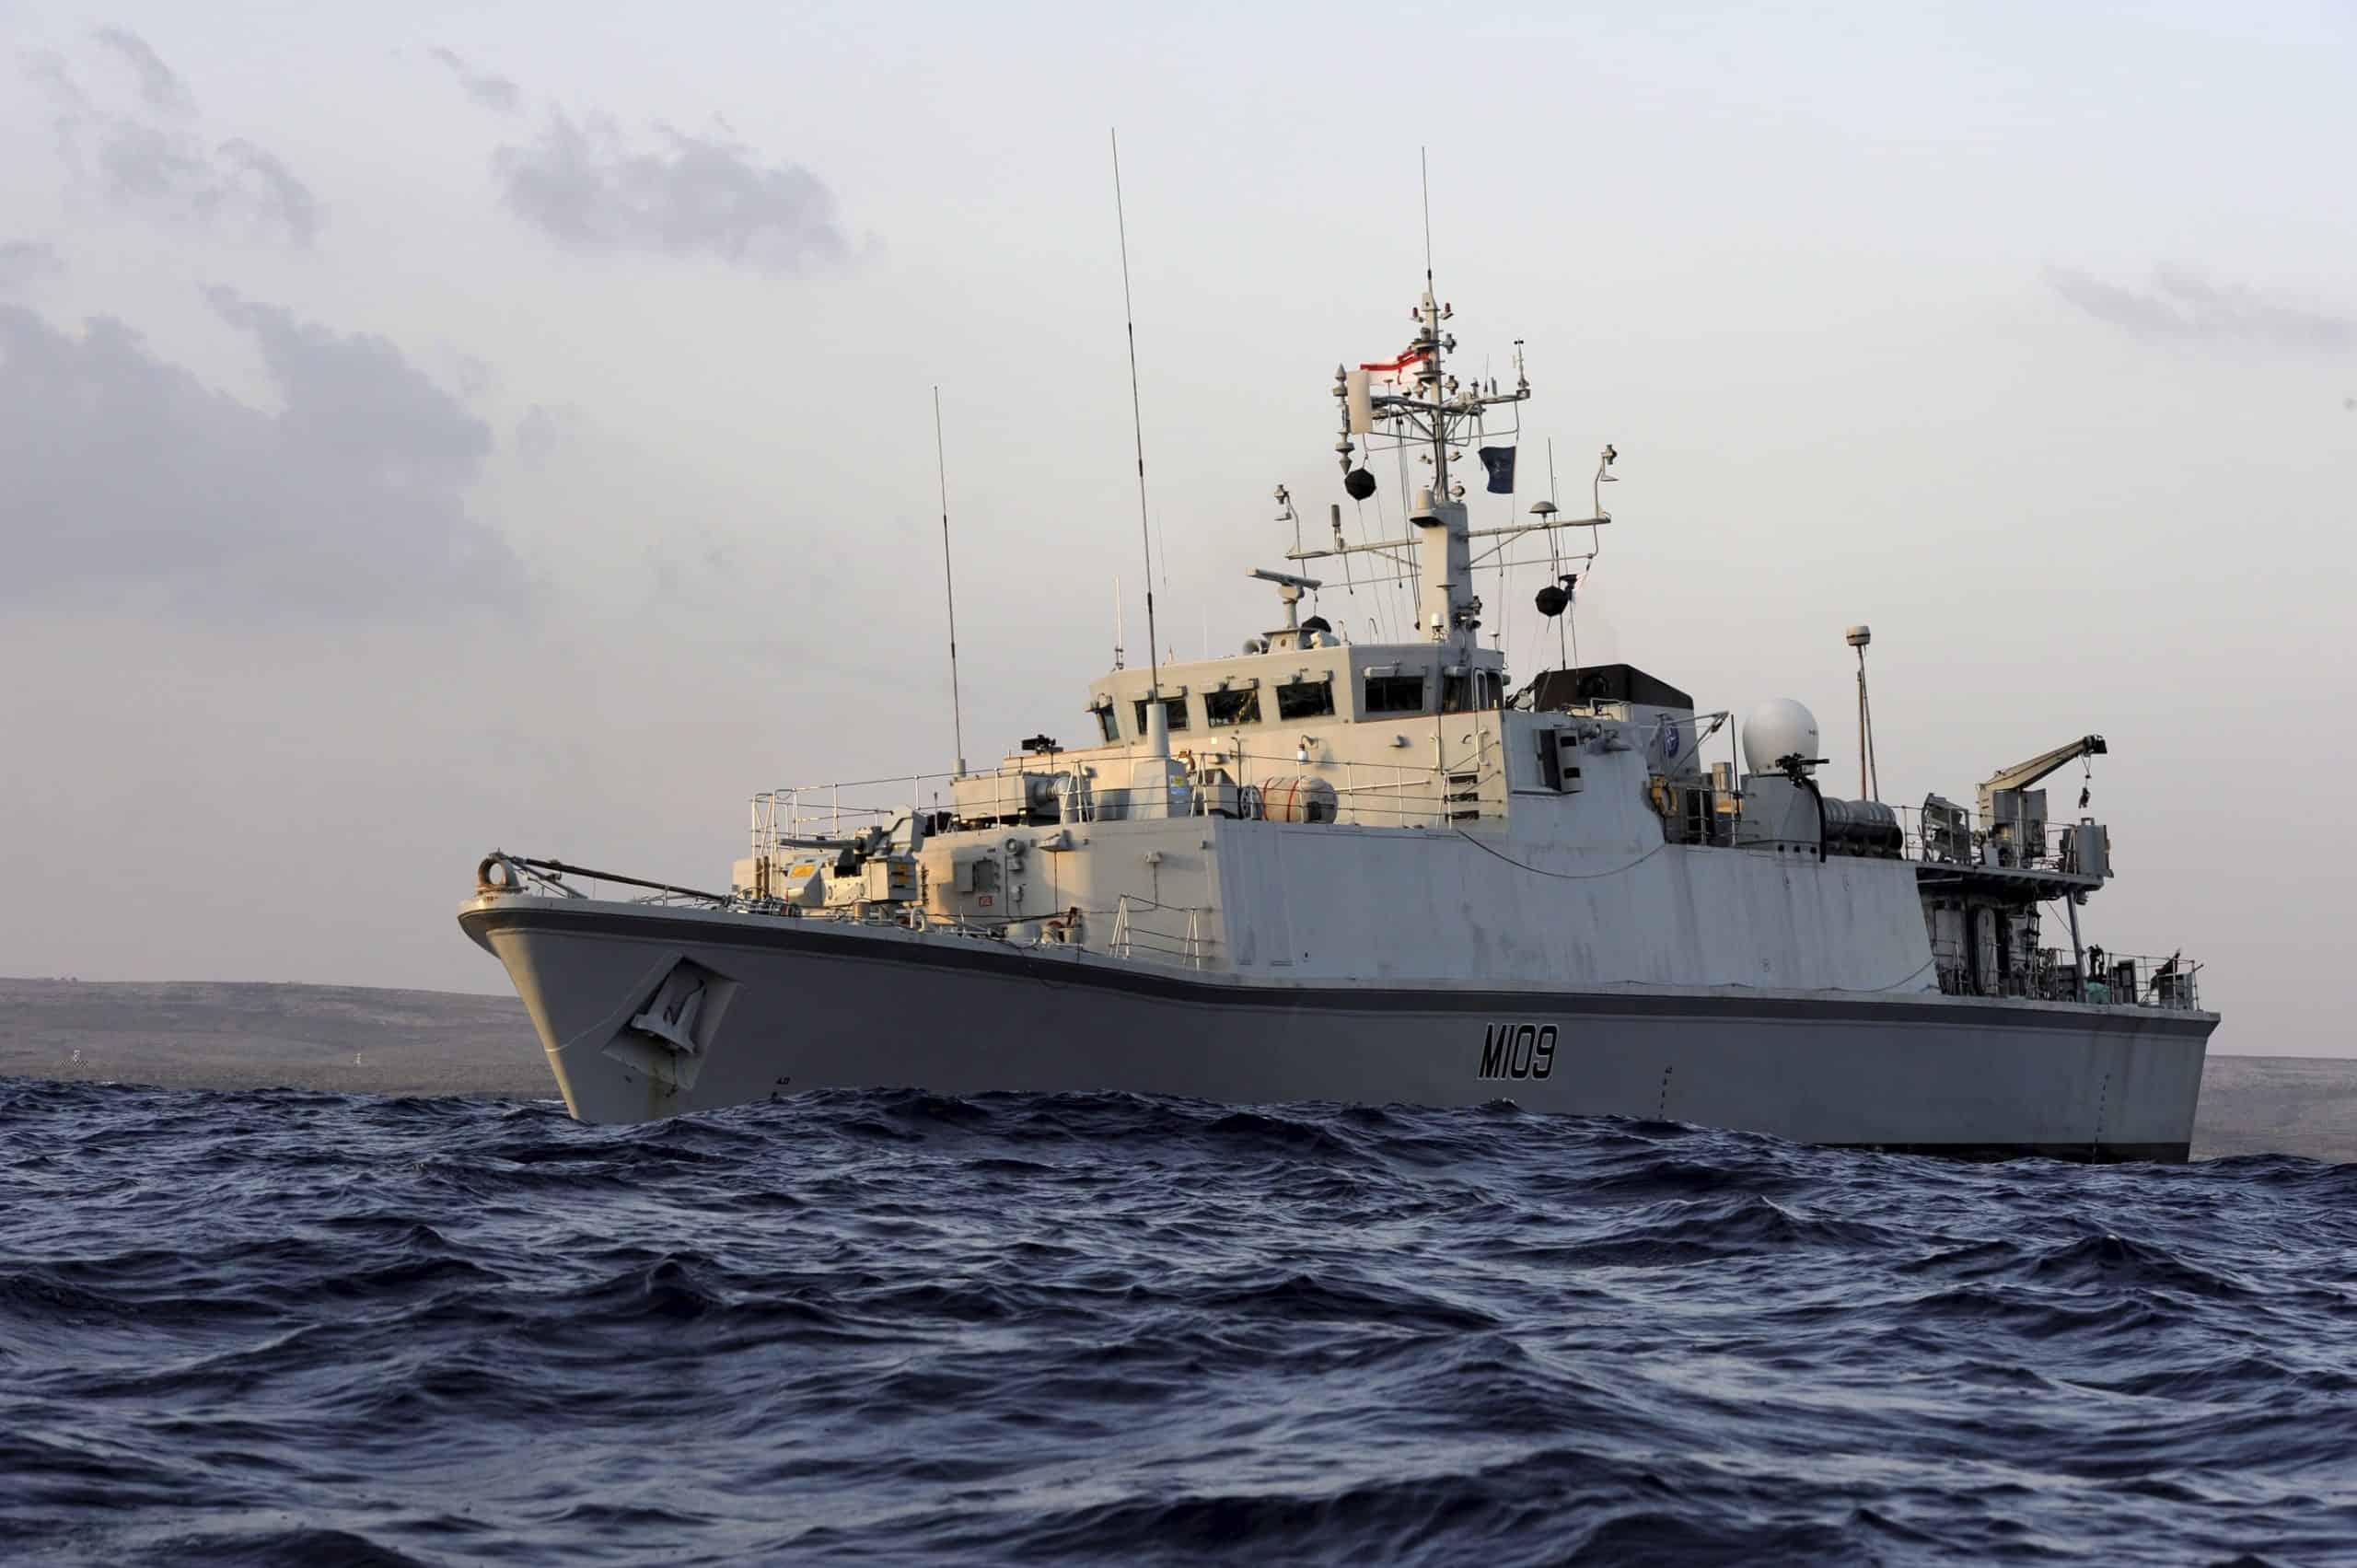 Мінний тральщик класу Sandown Королівського Флоту Великобританії, фото - Вікіпедія